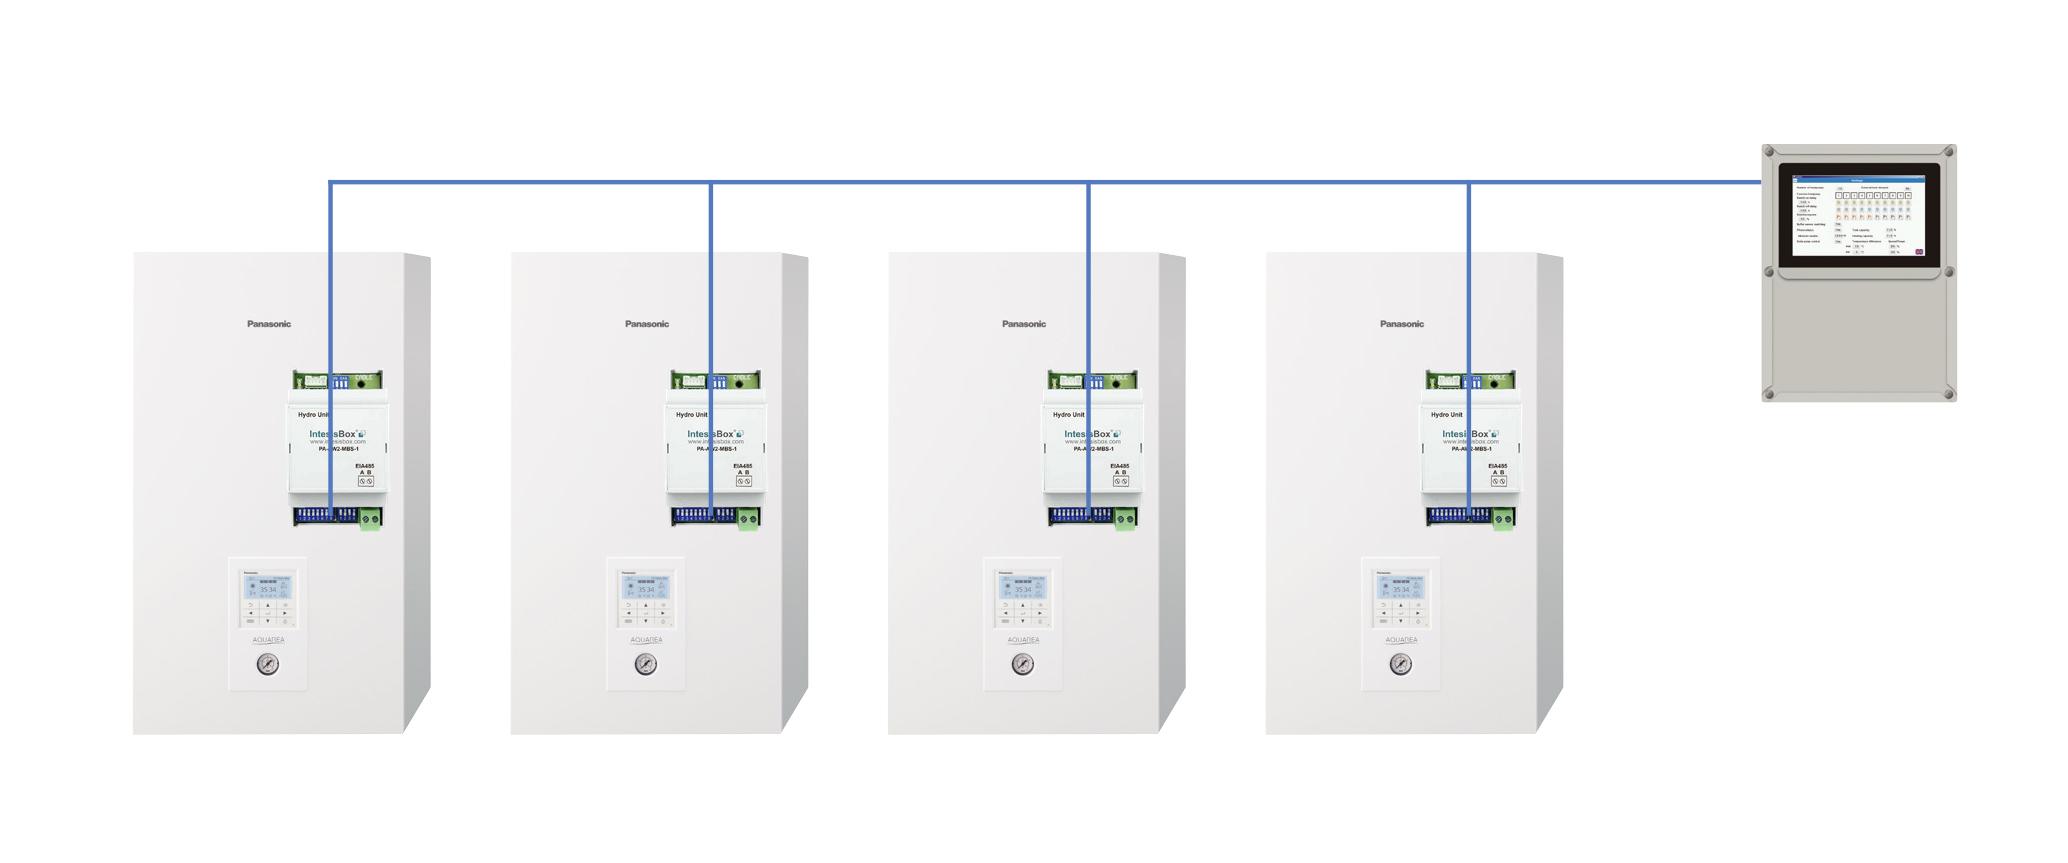 Mit dem neuen AQUAREA Kaskadenregler von Panasonic können bis zu 10 AQUAREA Luft-Wasser-Wärmepumpen parallel gesteuert werden.